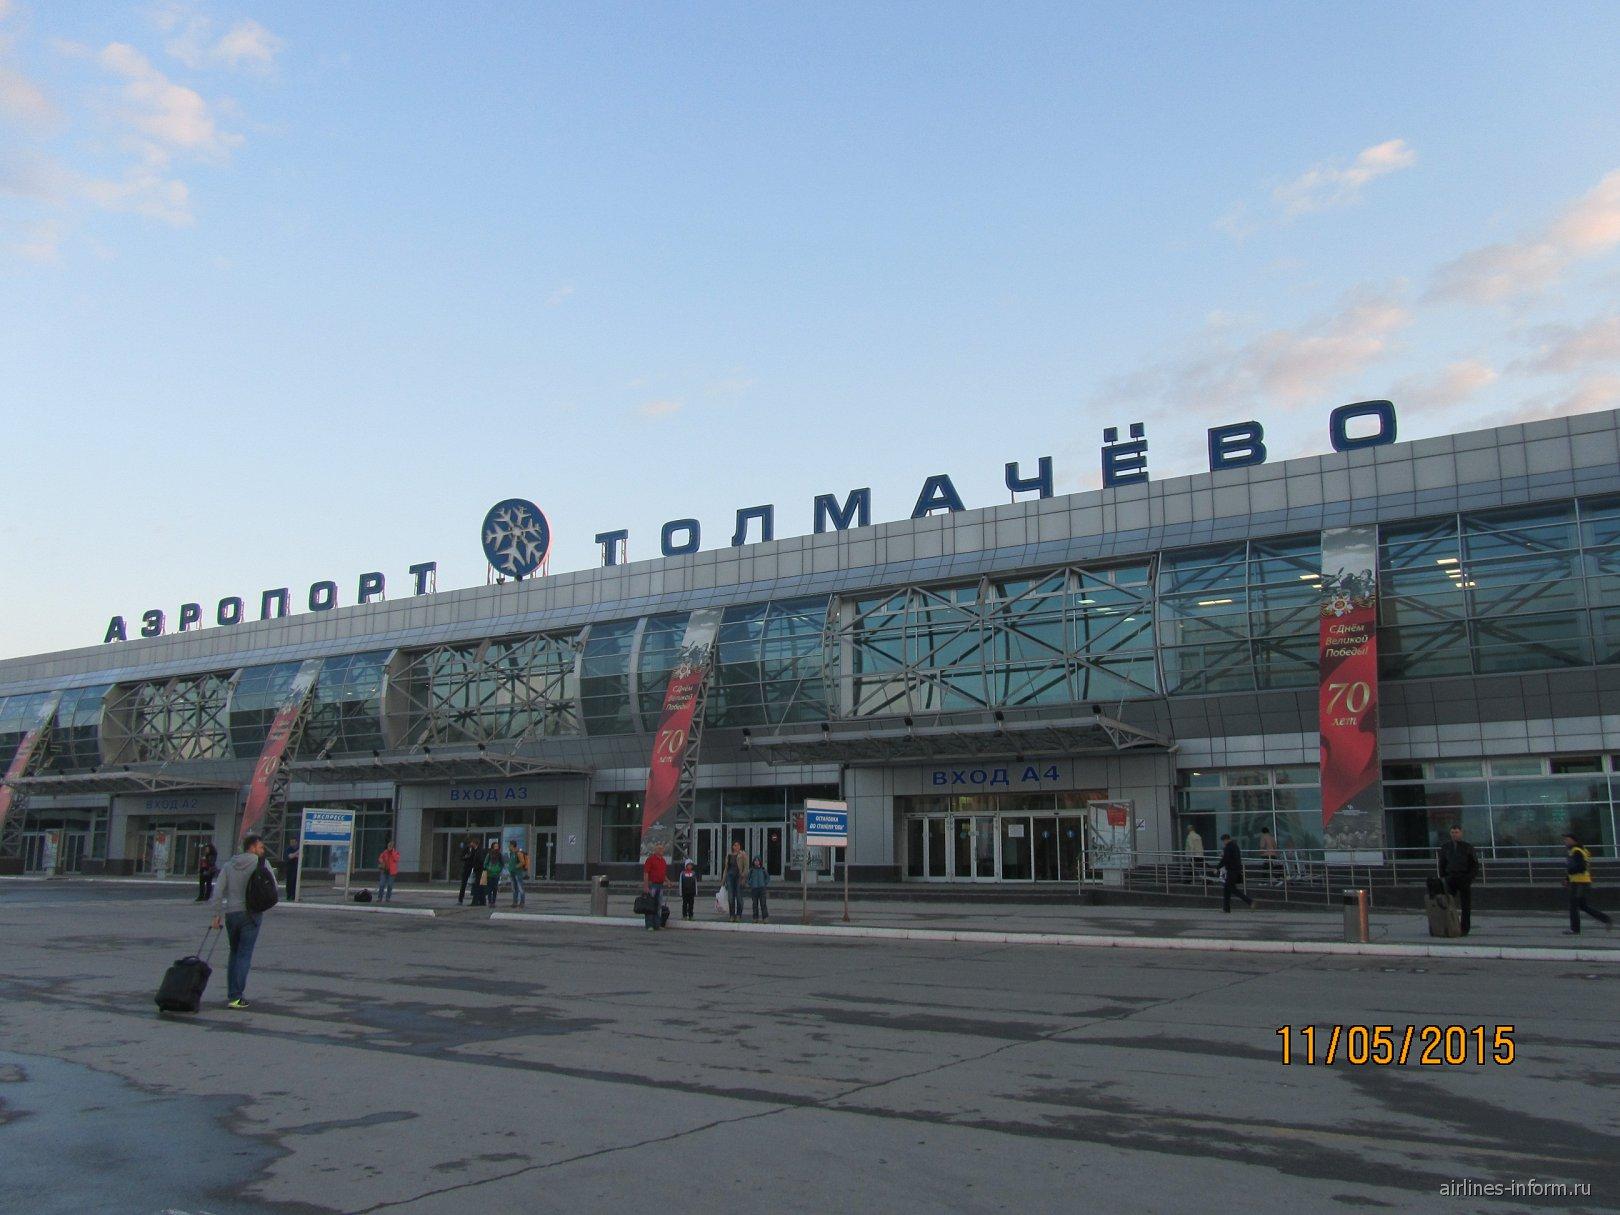 Пассажирский терминал внутренних рейсов аэропорта Новосибирск Толмачево